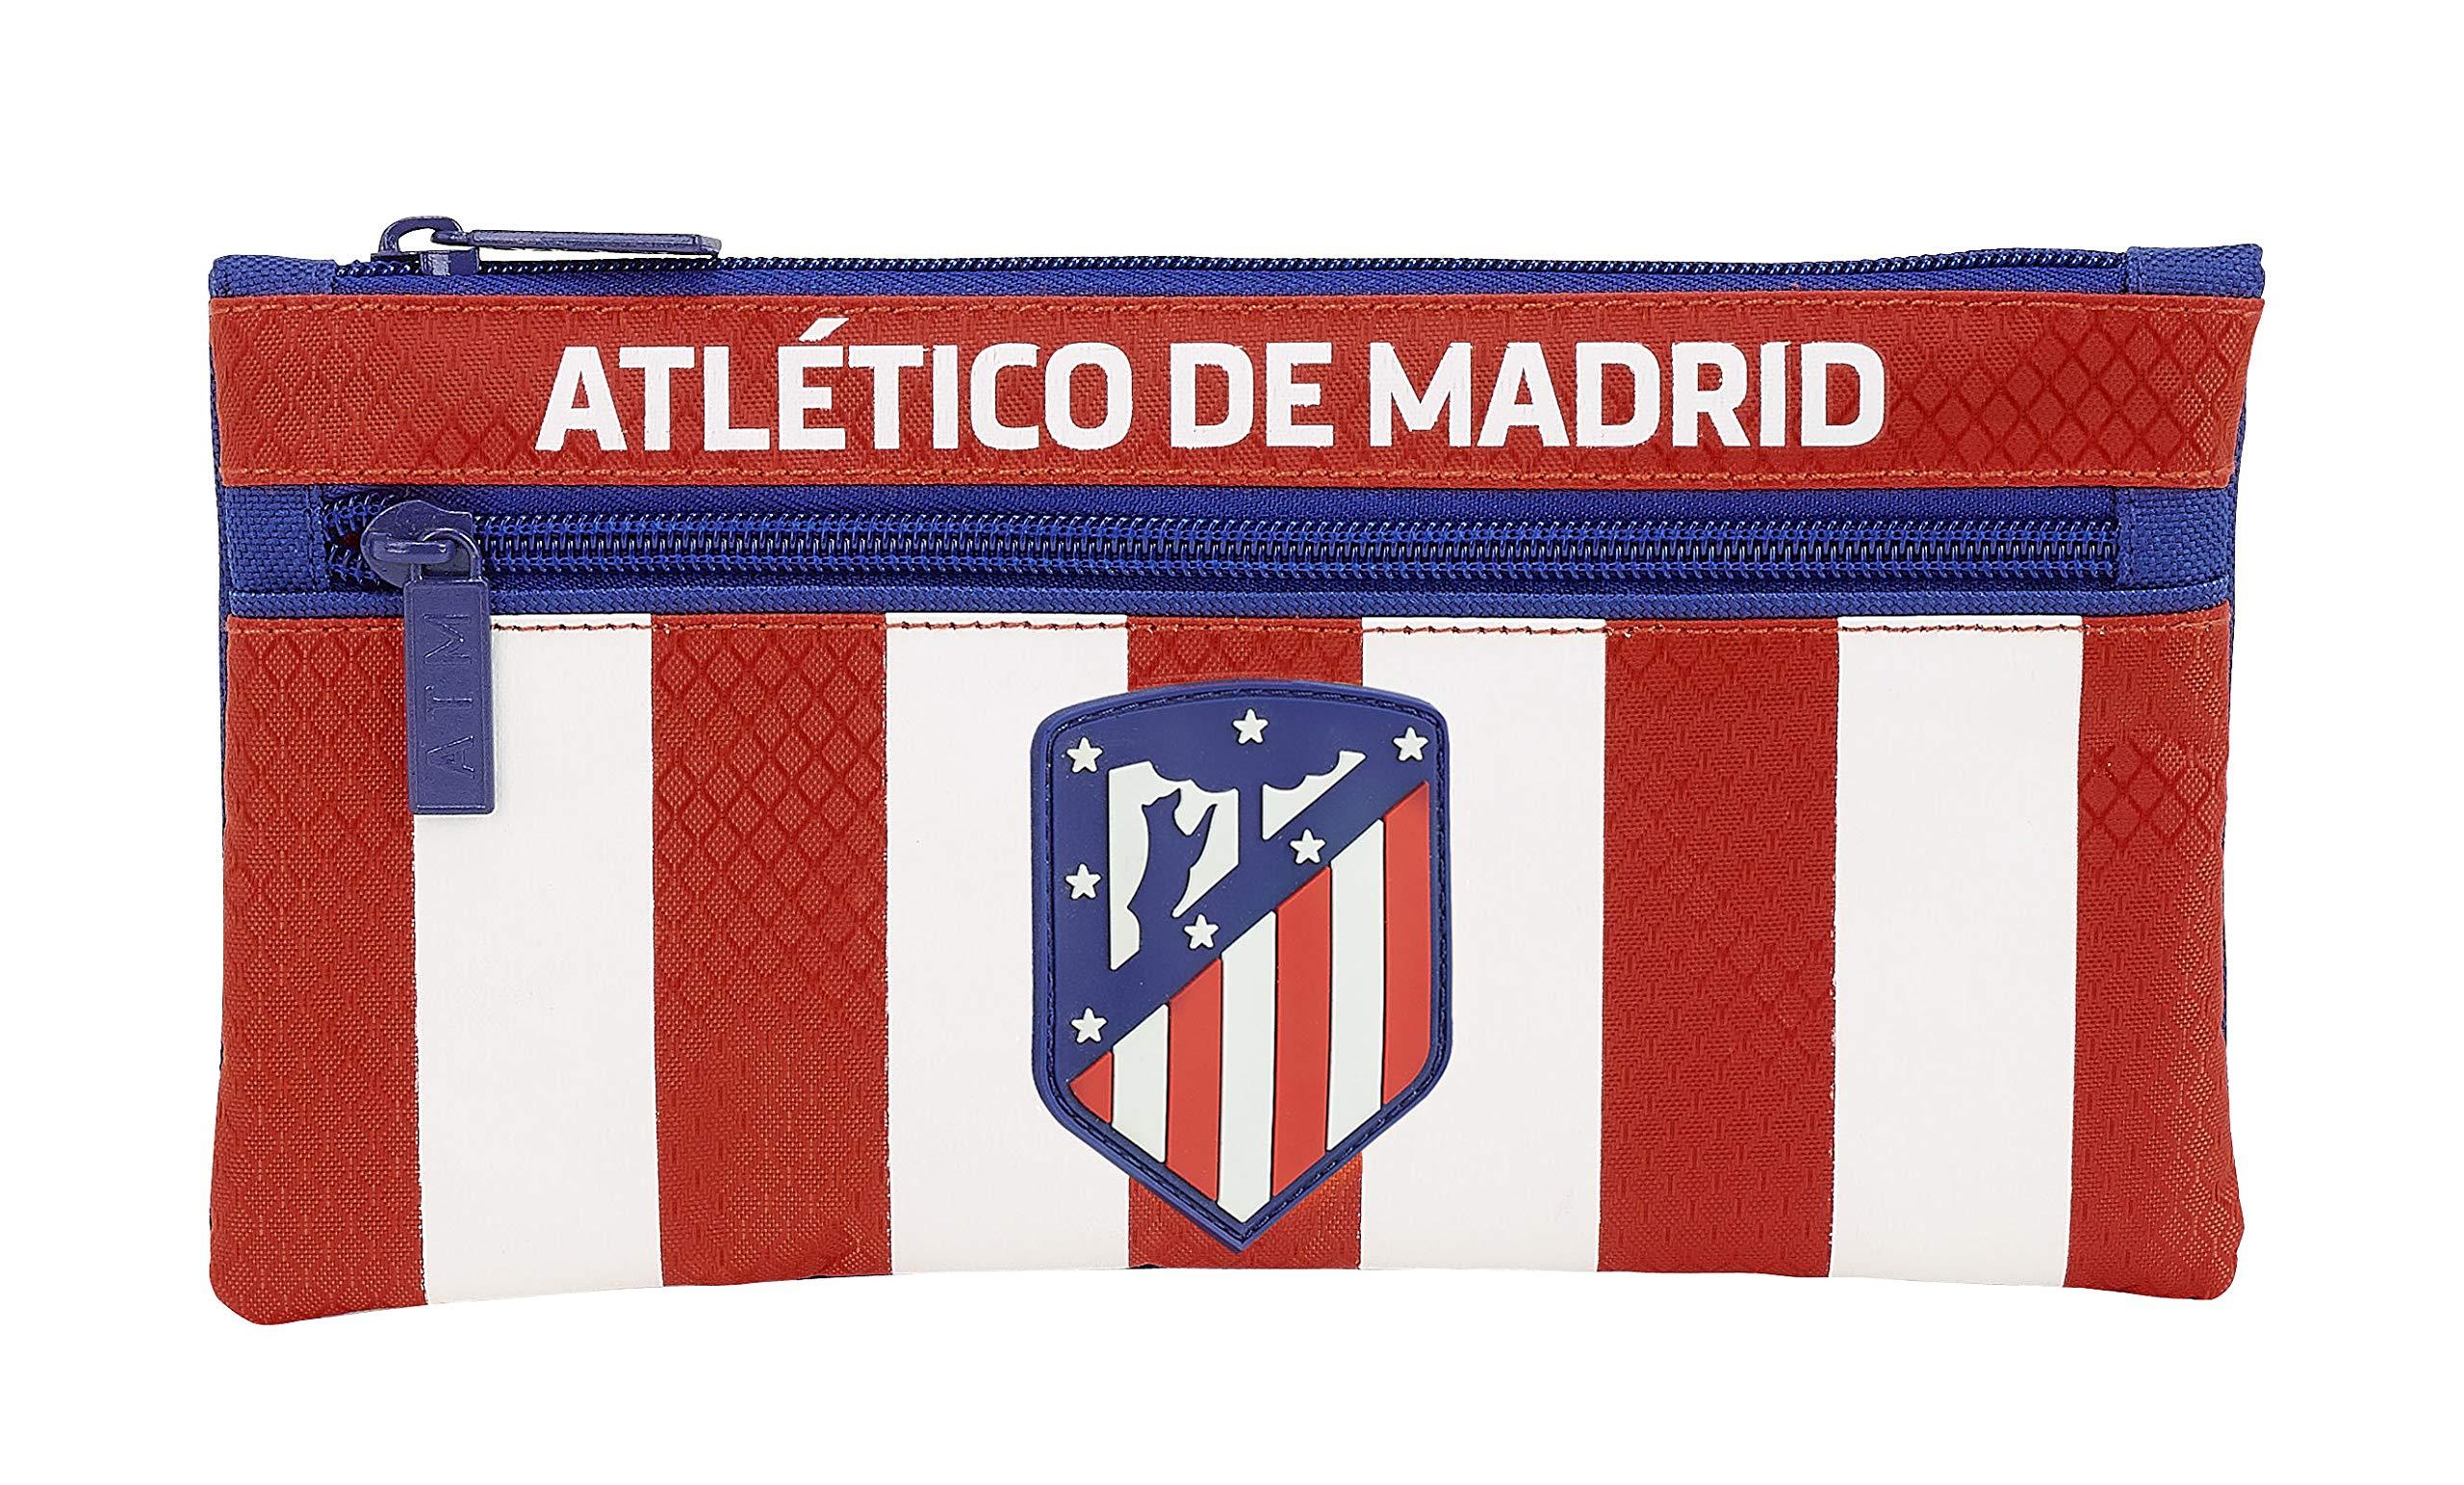 Atletico De Madrid 811845029 2018 Estuches, 22 cm, Rojo